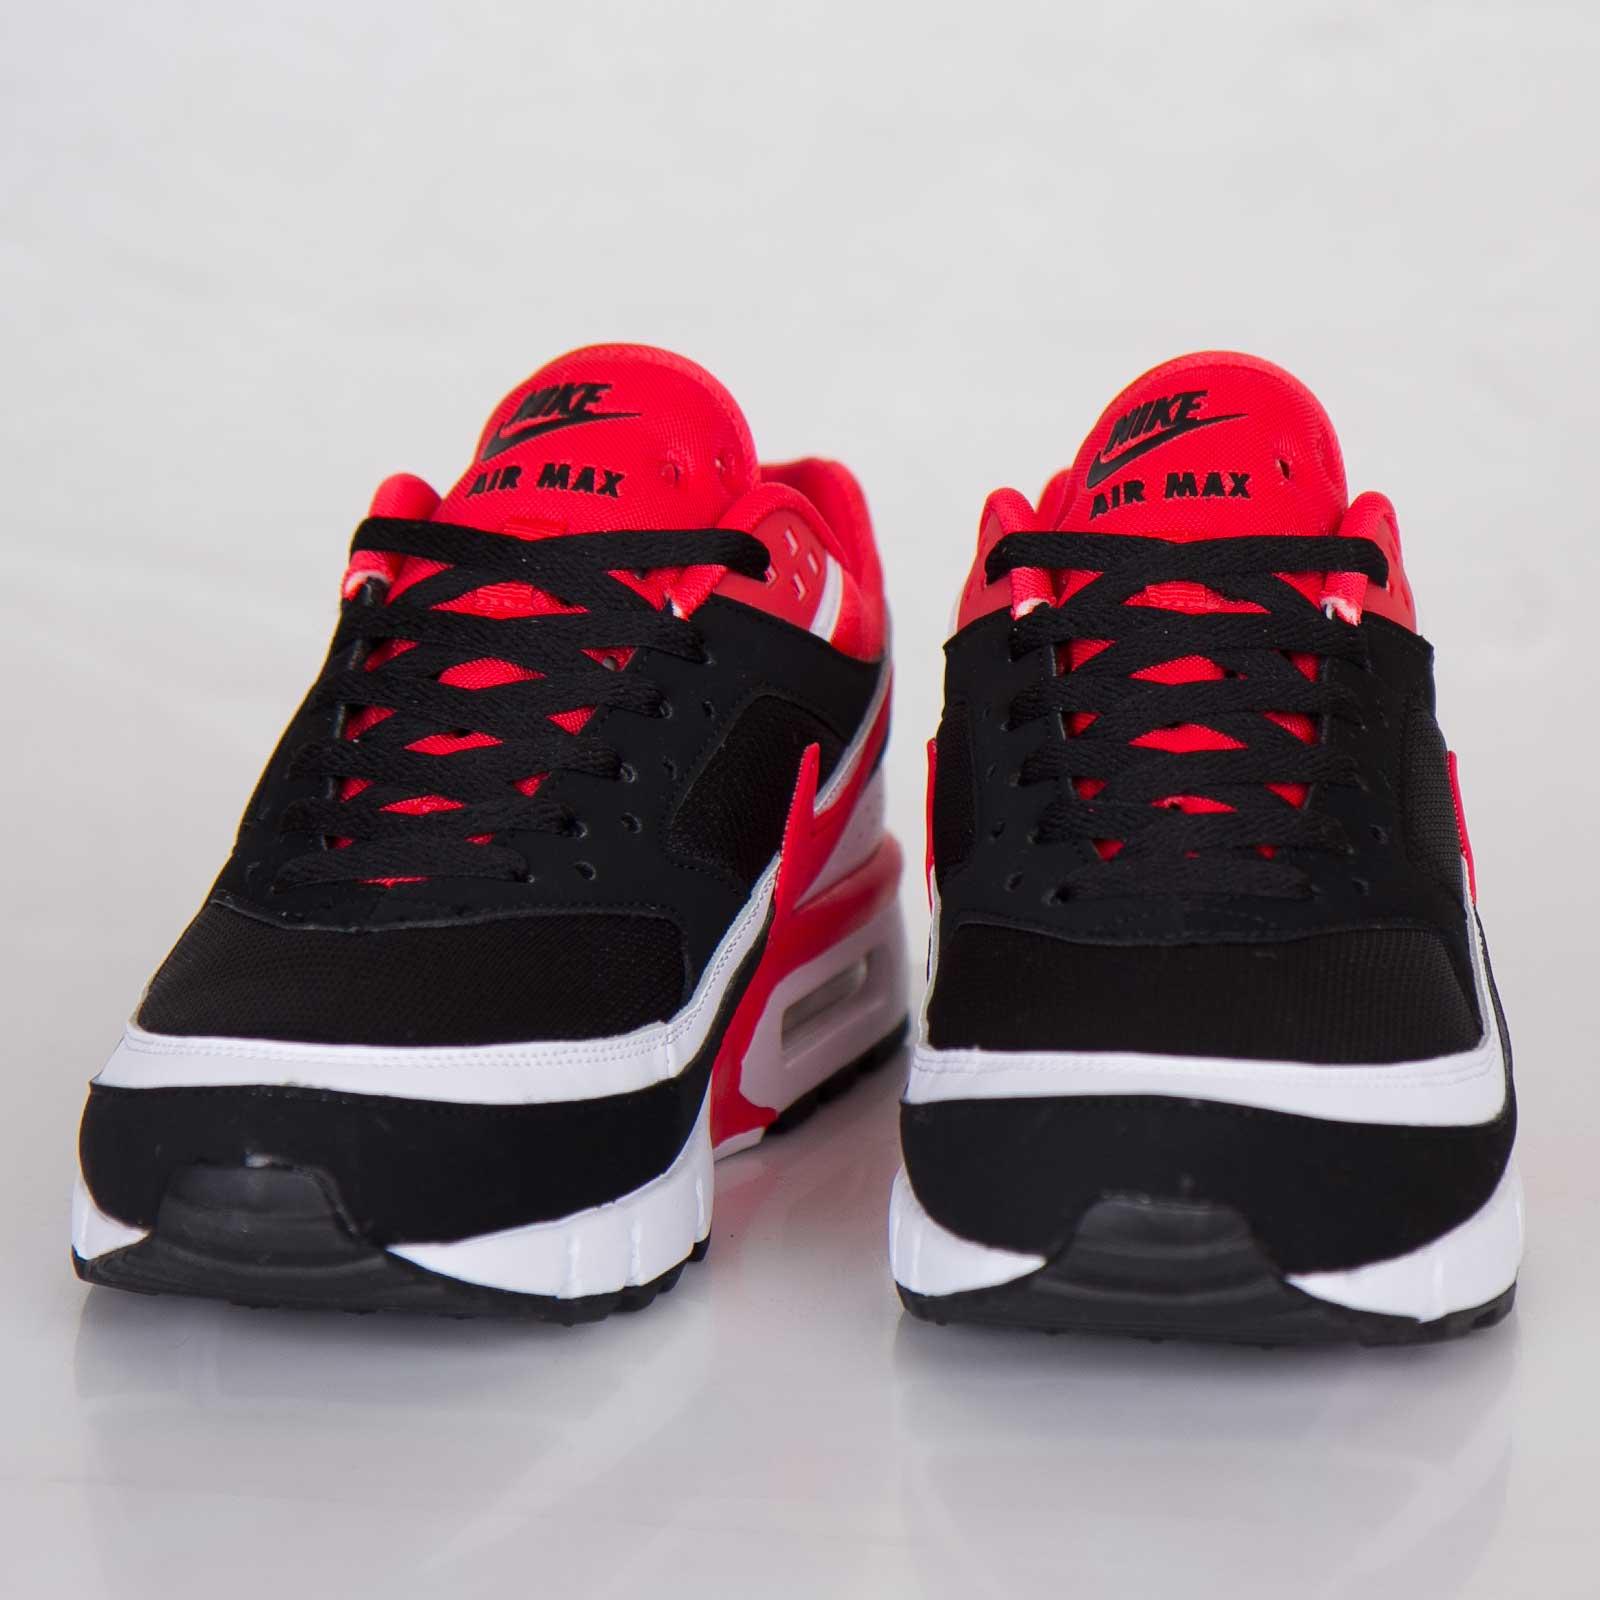 huge selection of 78851 69775 Nike Air Classic BW GEN II CMFT - 631624-061 - Sneakersnstuff   sneakers    streetwear online since 1999